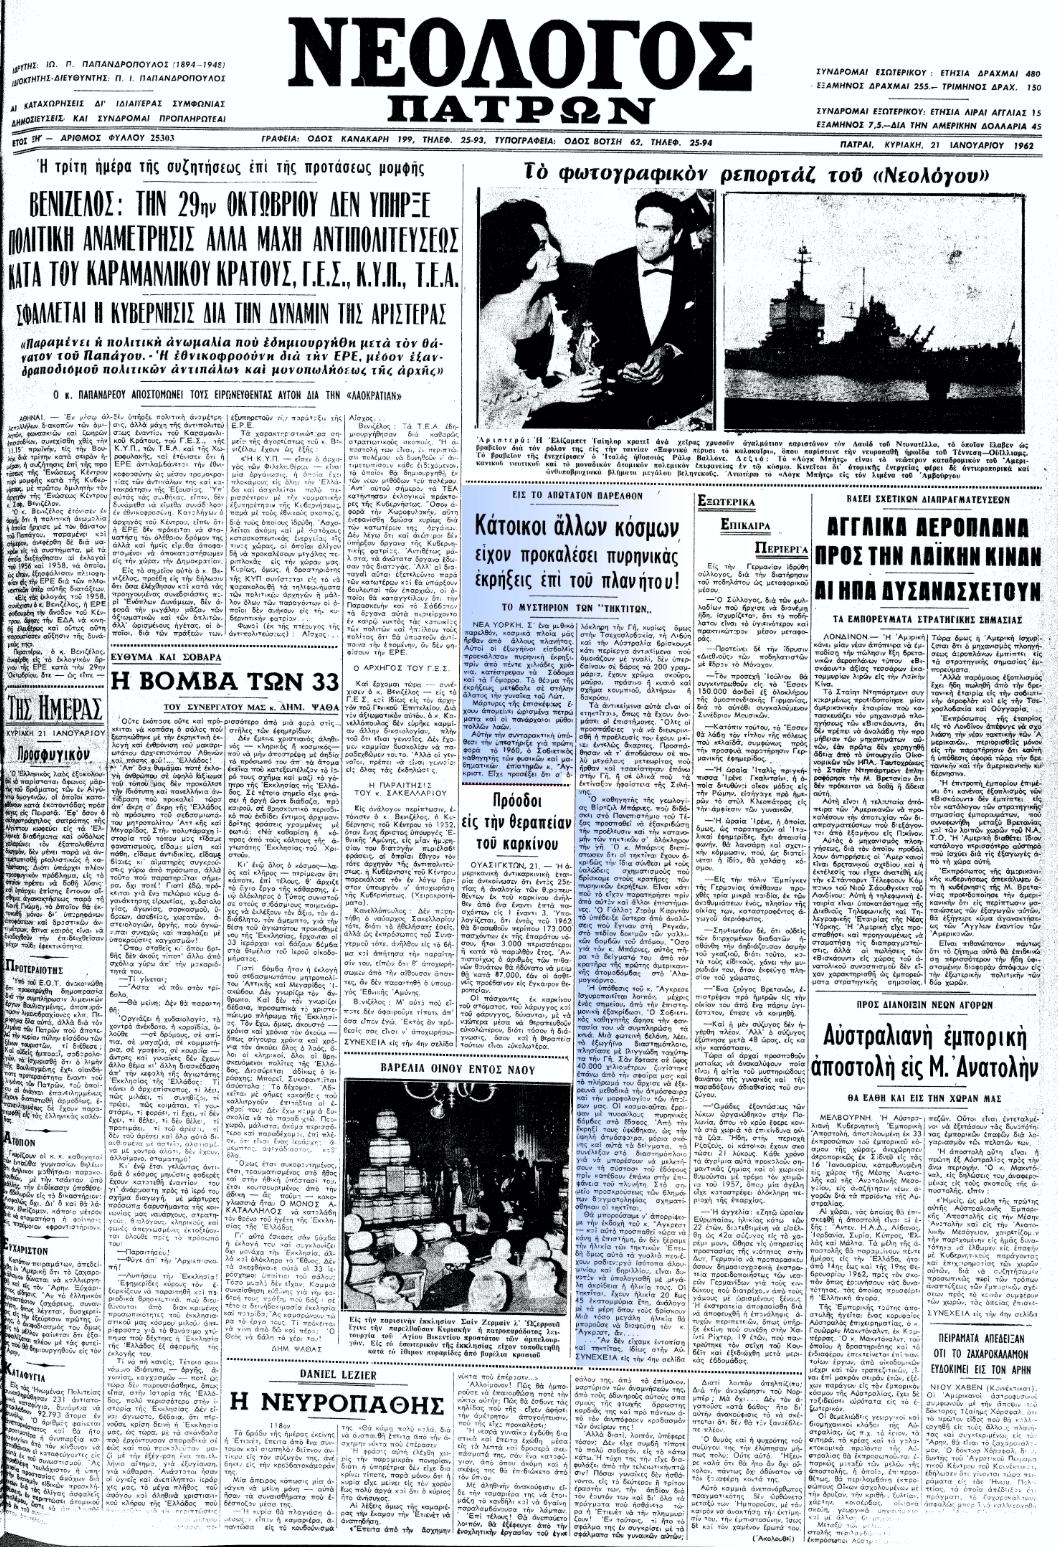 """Το άρθρο, όπως δημοσιεύθηκε στην εφημερίδα """"ΝΕΟΛΟΓΟΣ ΠΑΤΡΩΝ"""", στις 21/01/1962"""